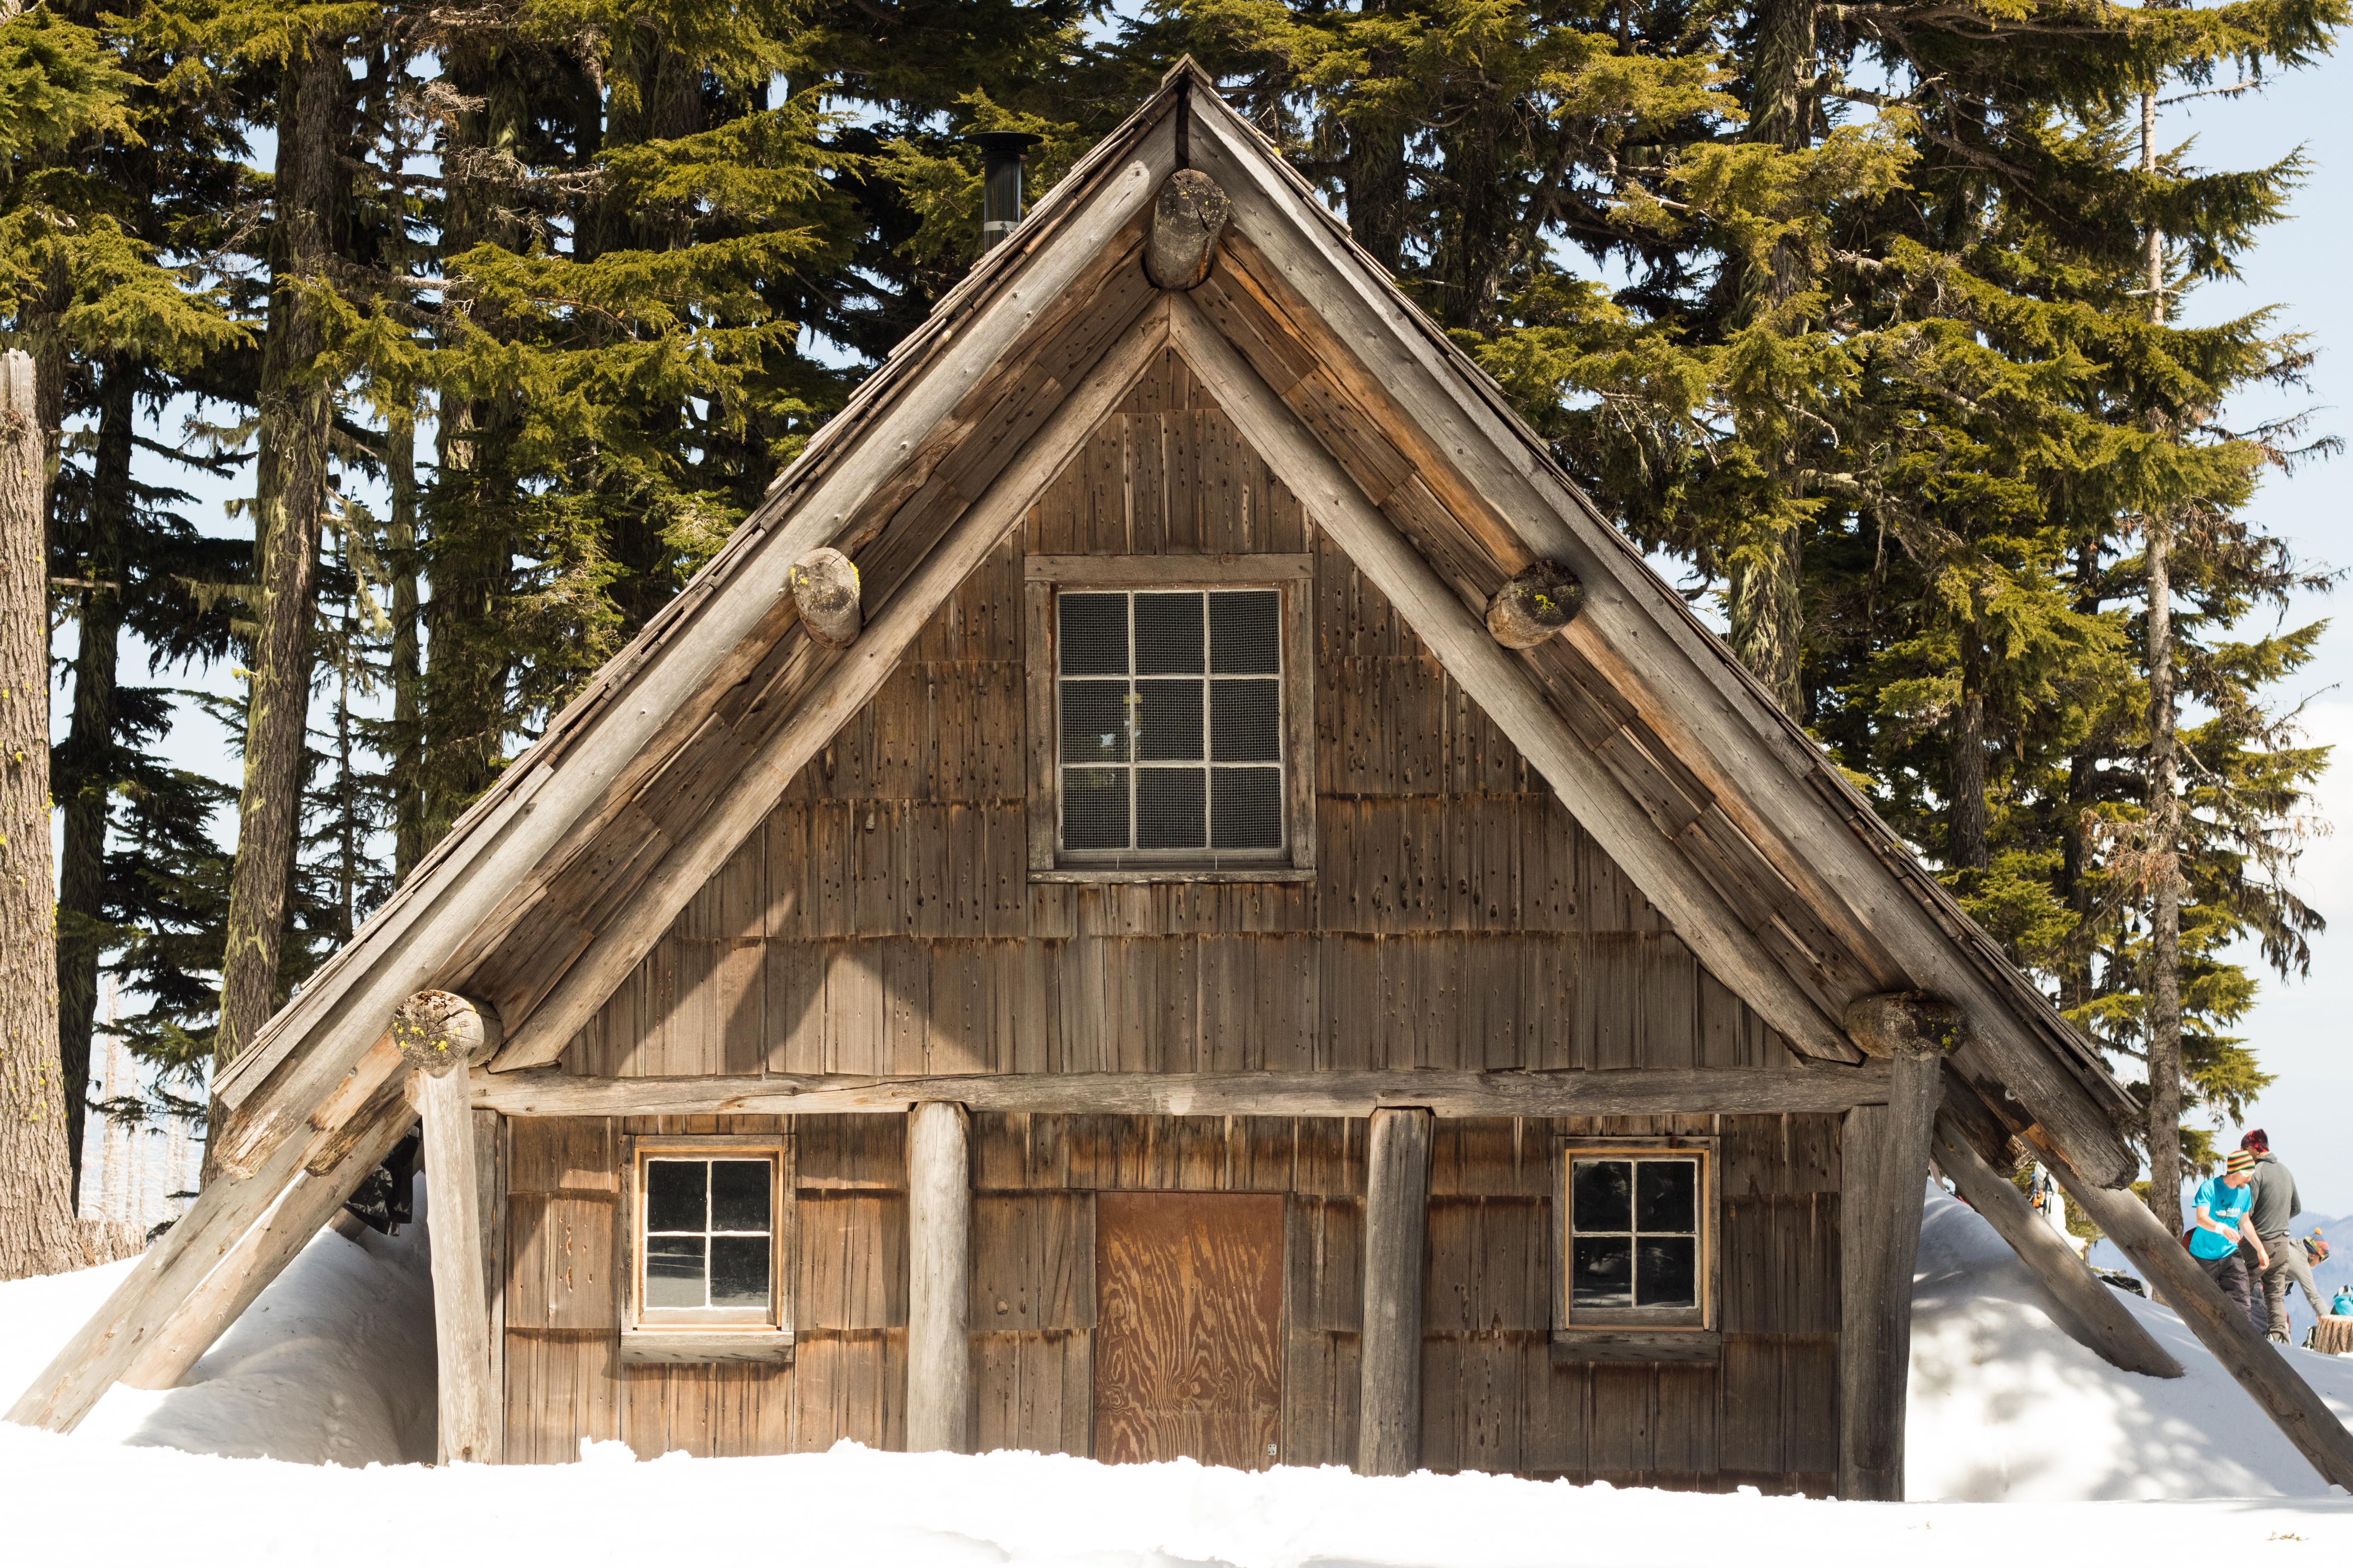 Oregon Splitfest 2018 - The Snowboarders Journal